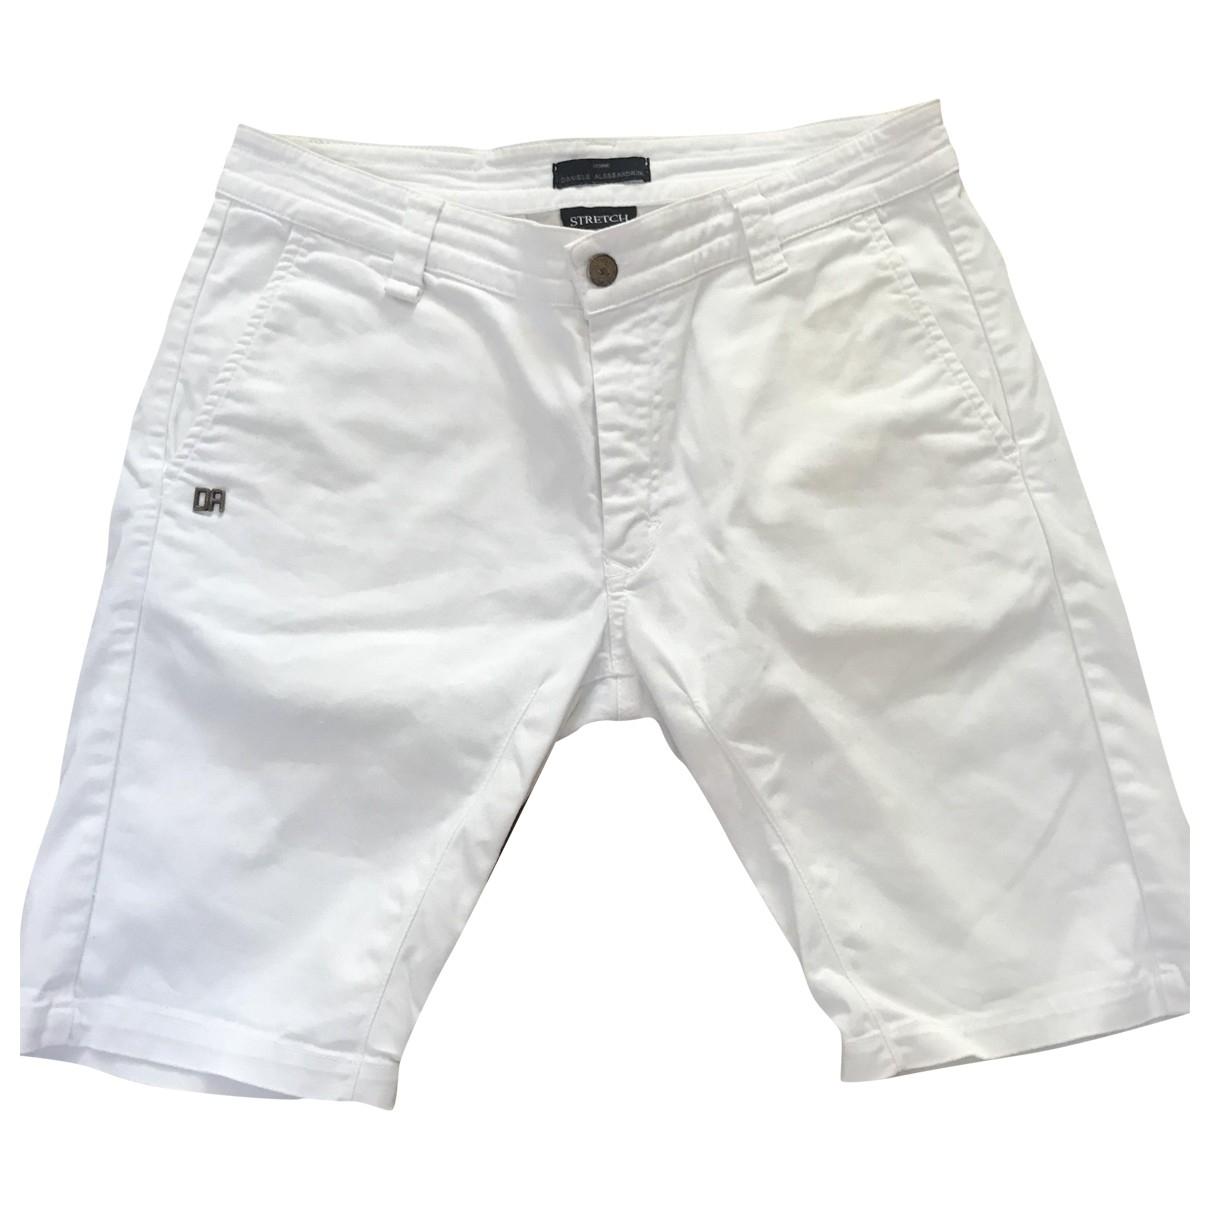 Daniele Alessandrini \N Shorts in  Weiss Baumwolle